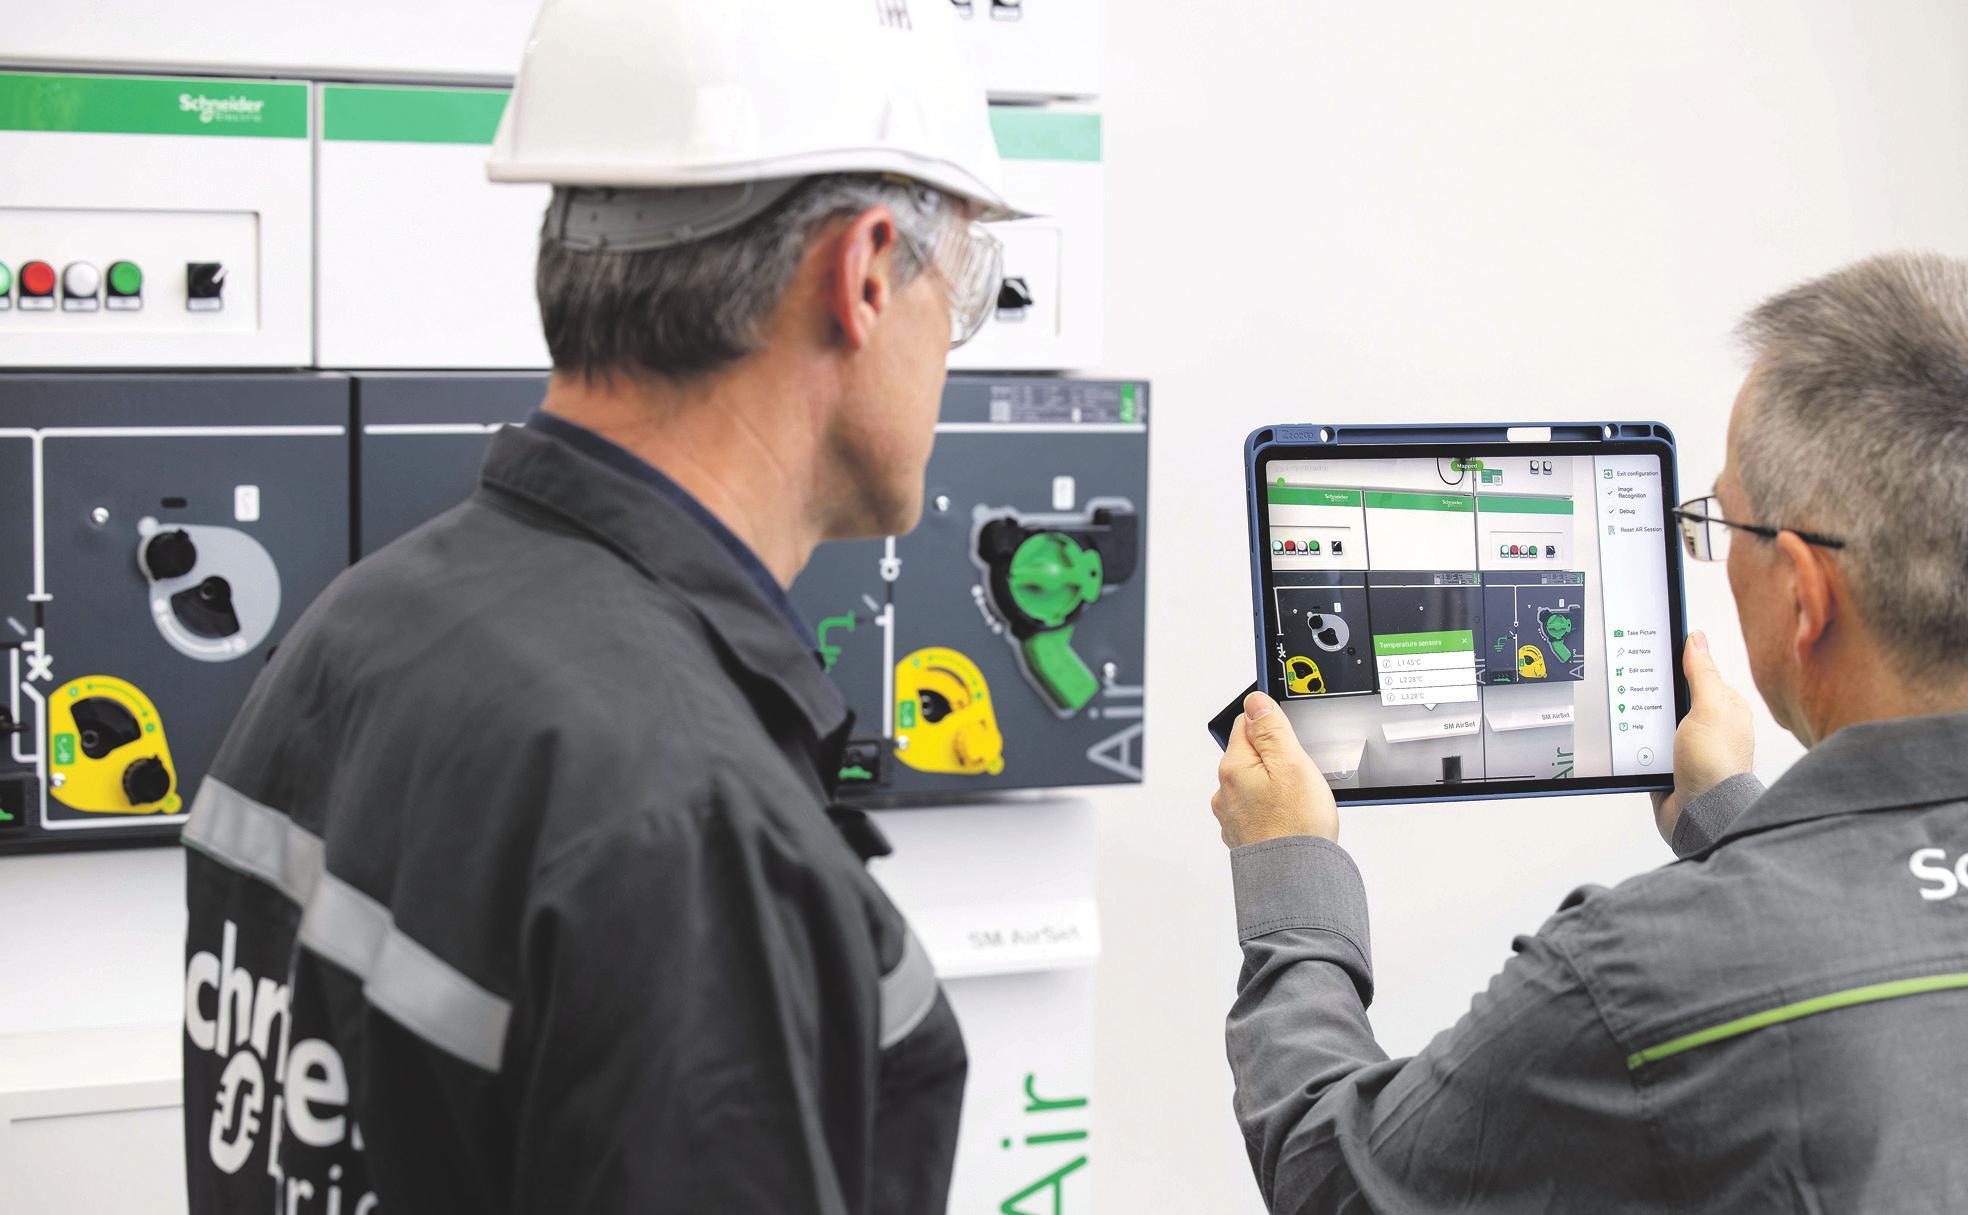 Die neuen Mittelspannungsschaltanlagen von Schneider Electric beanspruchen dank ähnlicher Abmessungen nicht mehr Platz als herkömmliche Anlagen und lassen sich gewohnt intuitiv bedienen